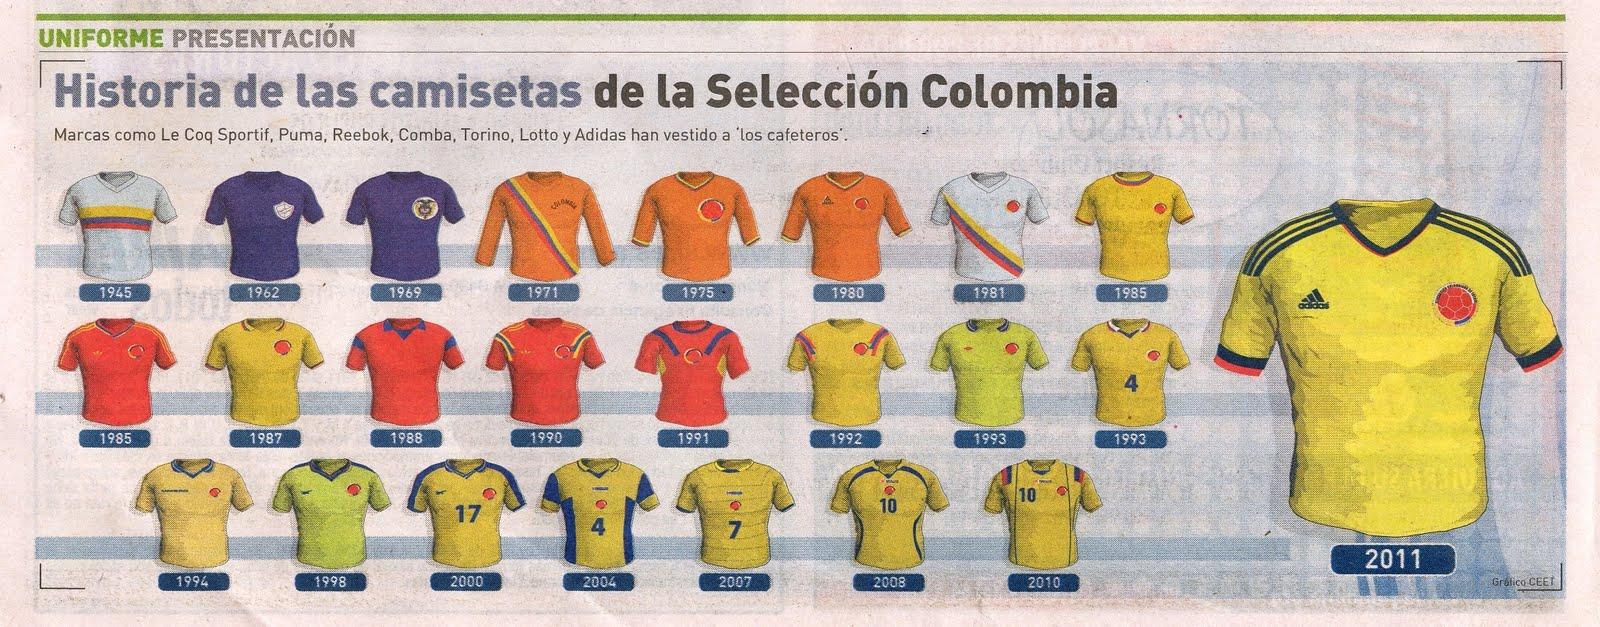 Nuevo Uniforme ADIDAS de la Seleccion Colombia